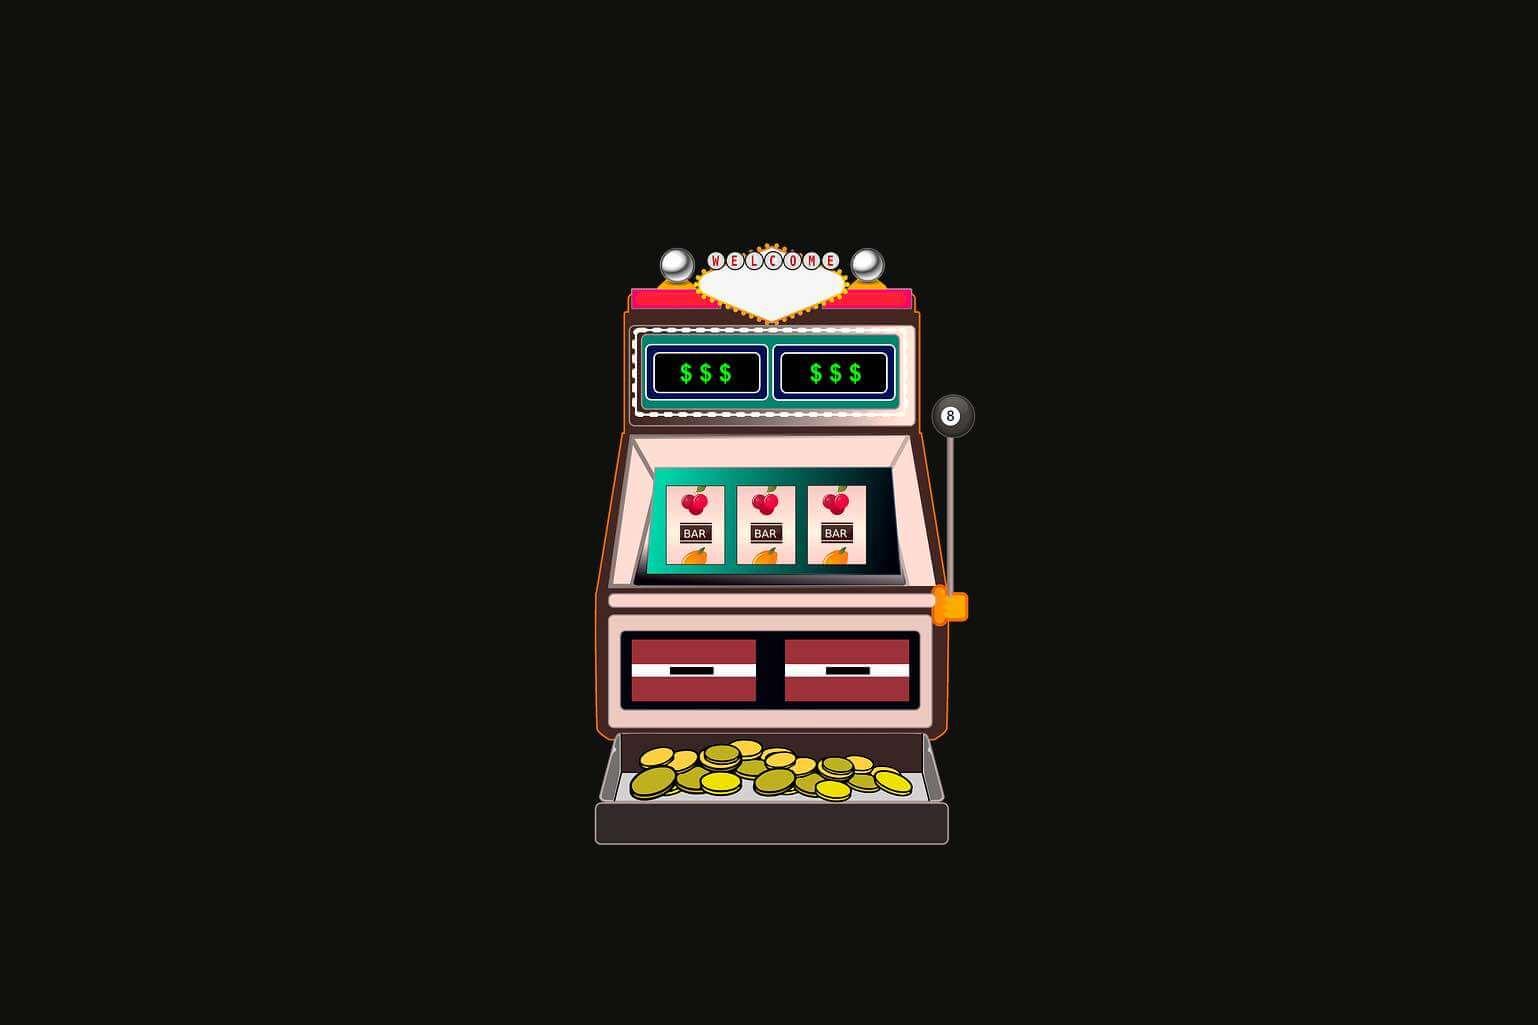 Bästa casino sidor - 47662